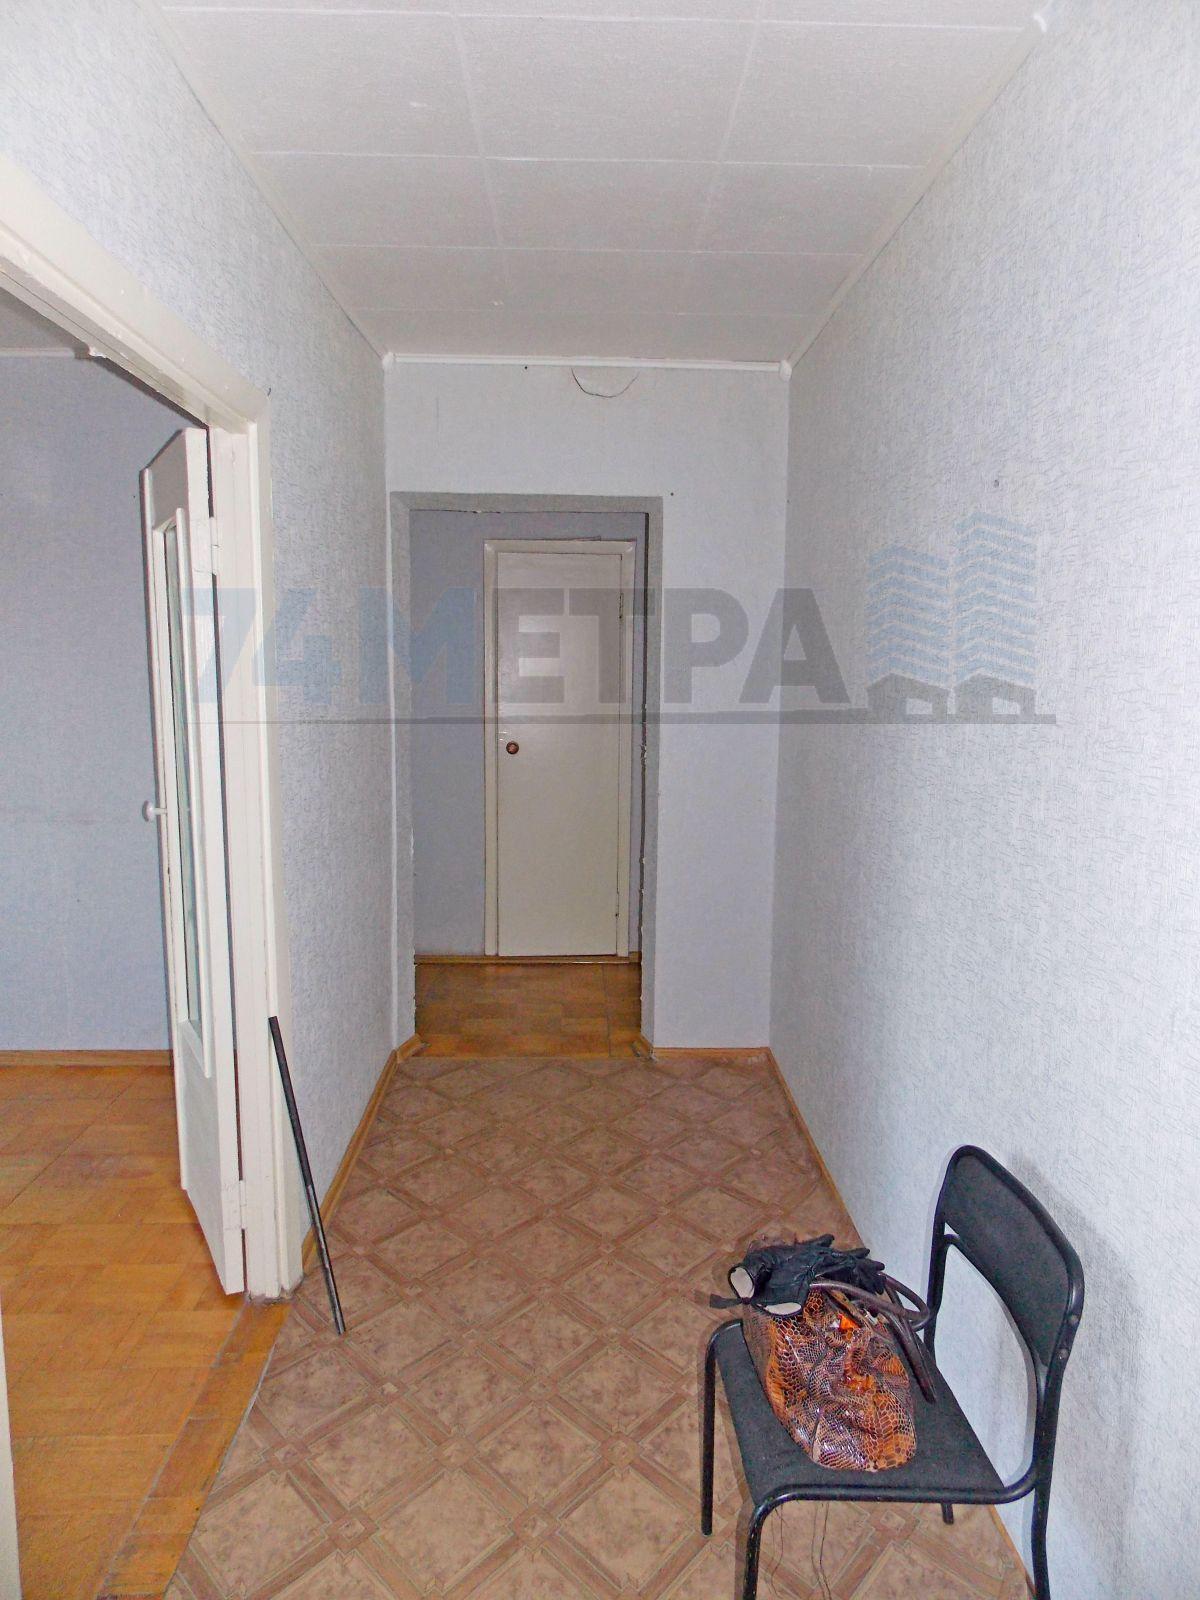 11 000 ₽, 2 - комнатная квартира, площадь 60 м², этаж 1/10